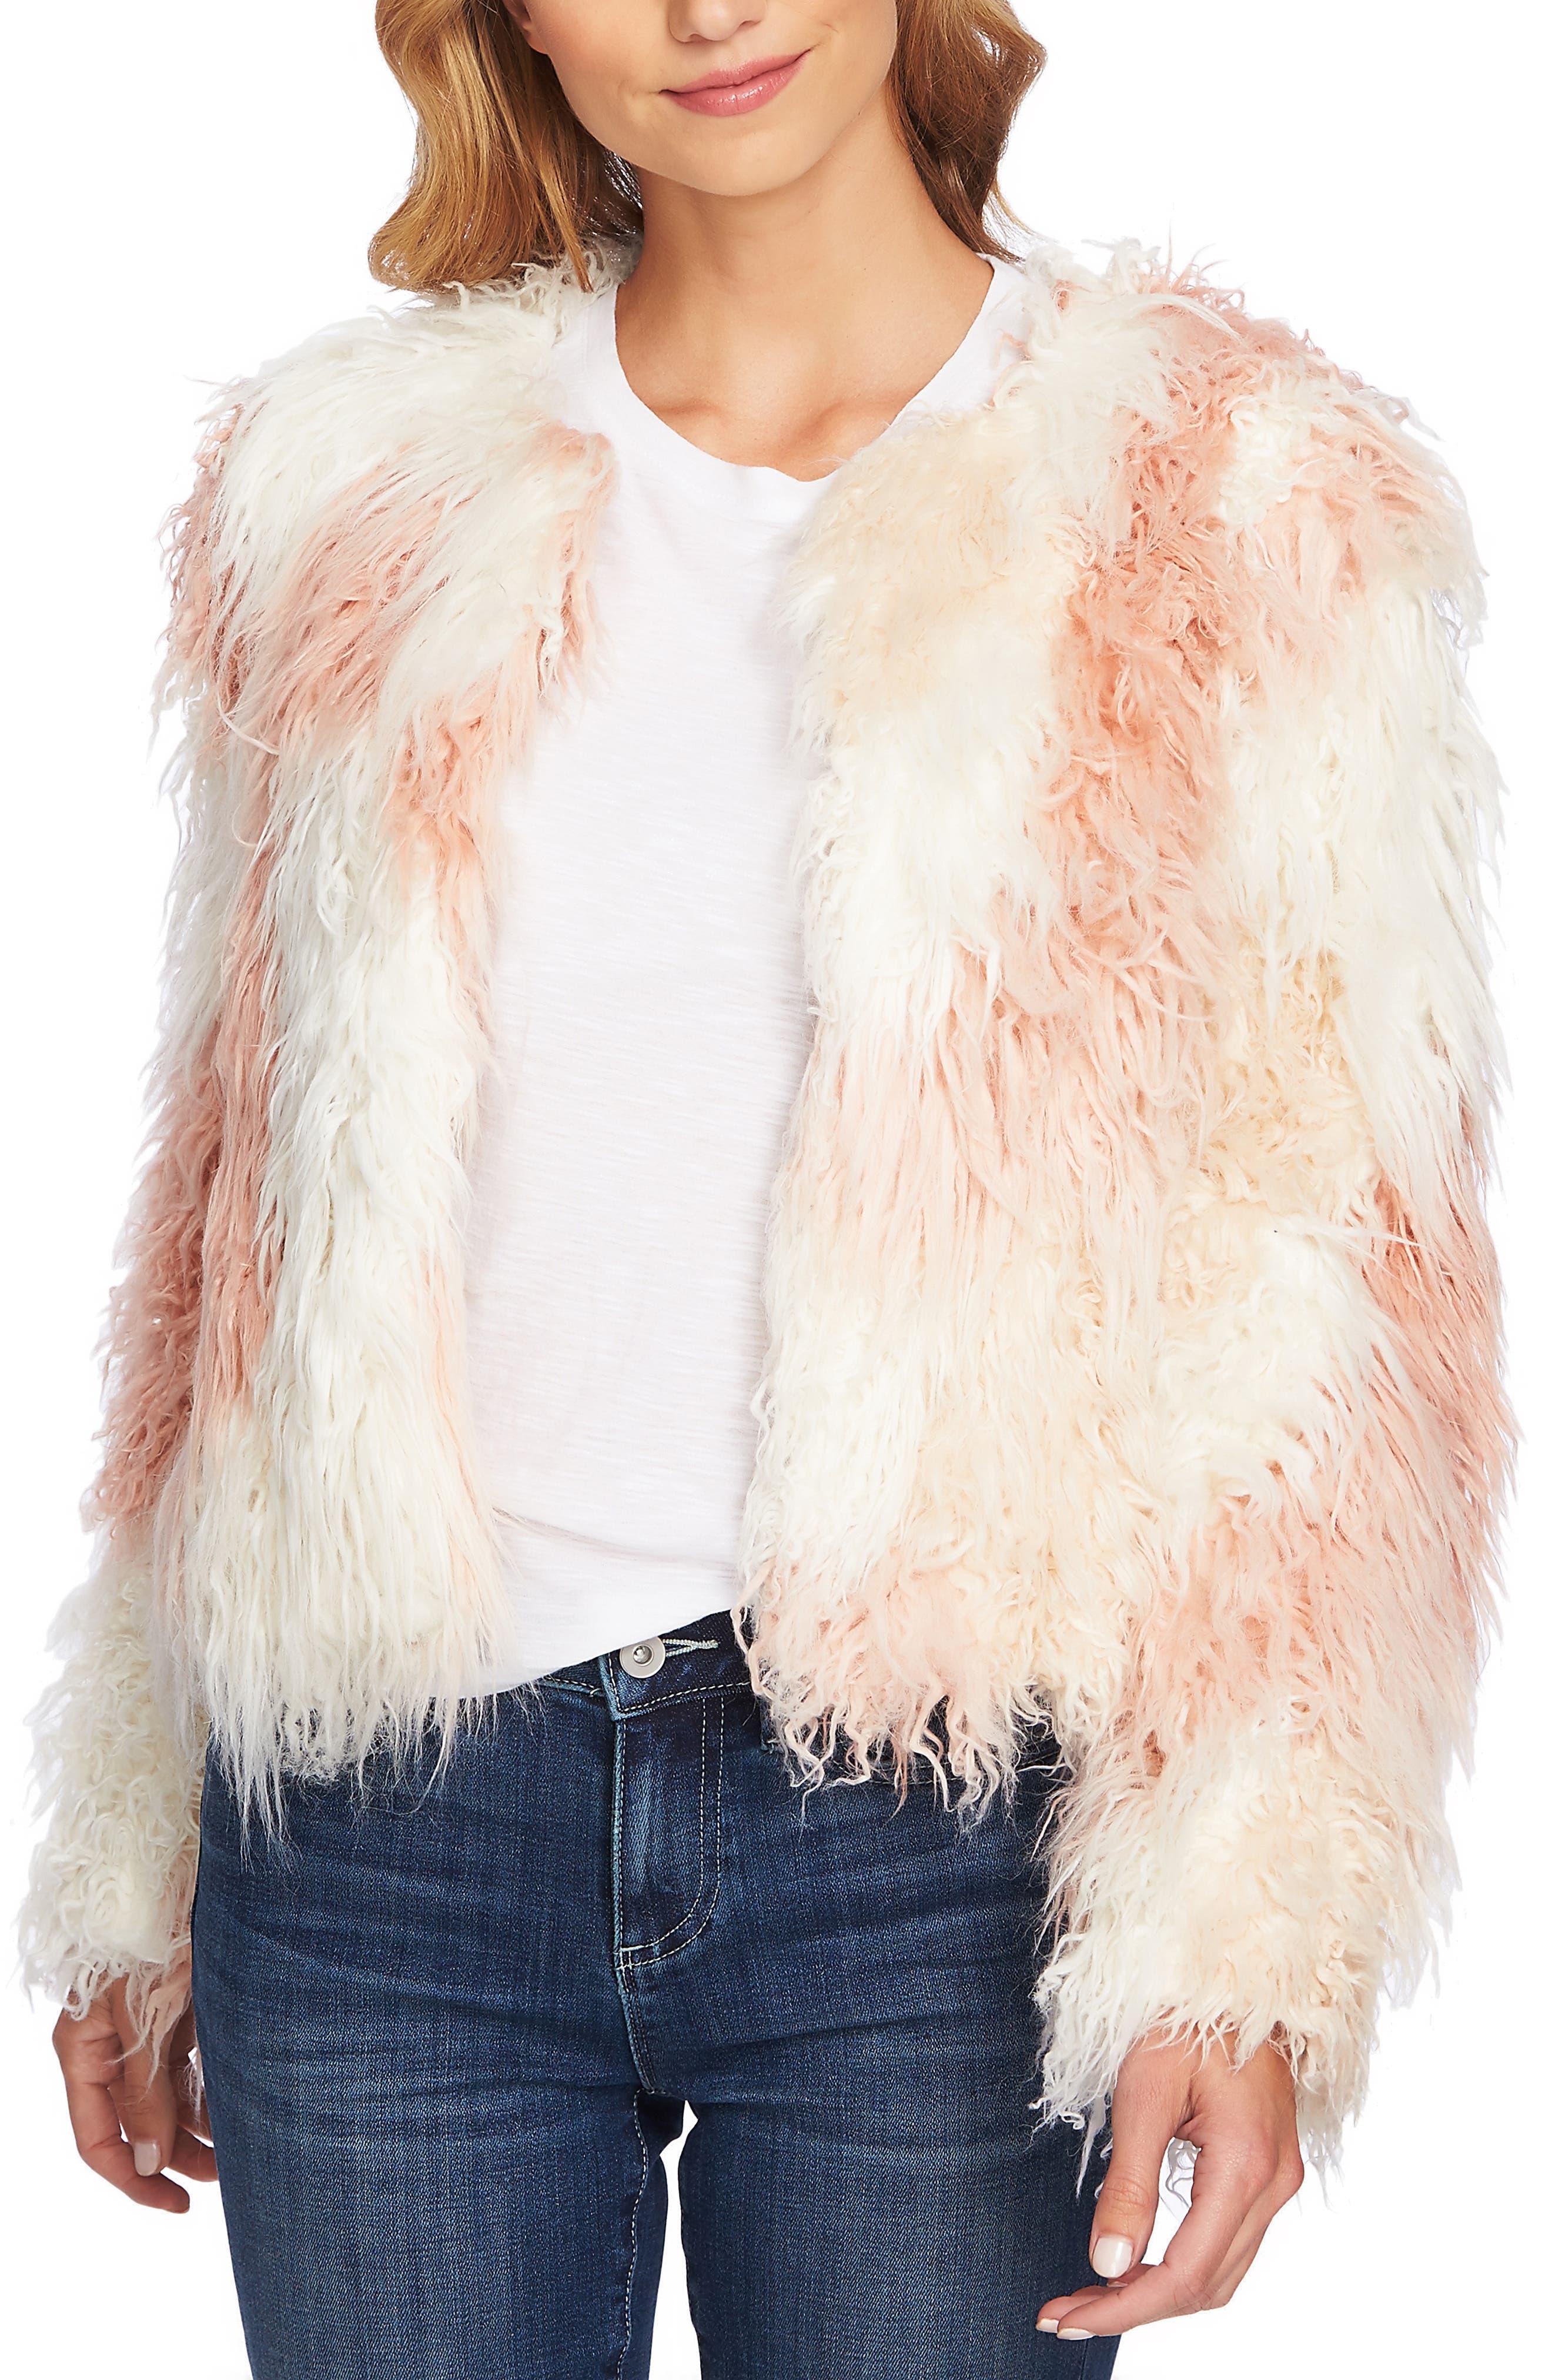 Shaggy Patchwork Faux Fur Jacket,                             Alternate thumbnail 3, color,                             ANTIQUE WHITE